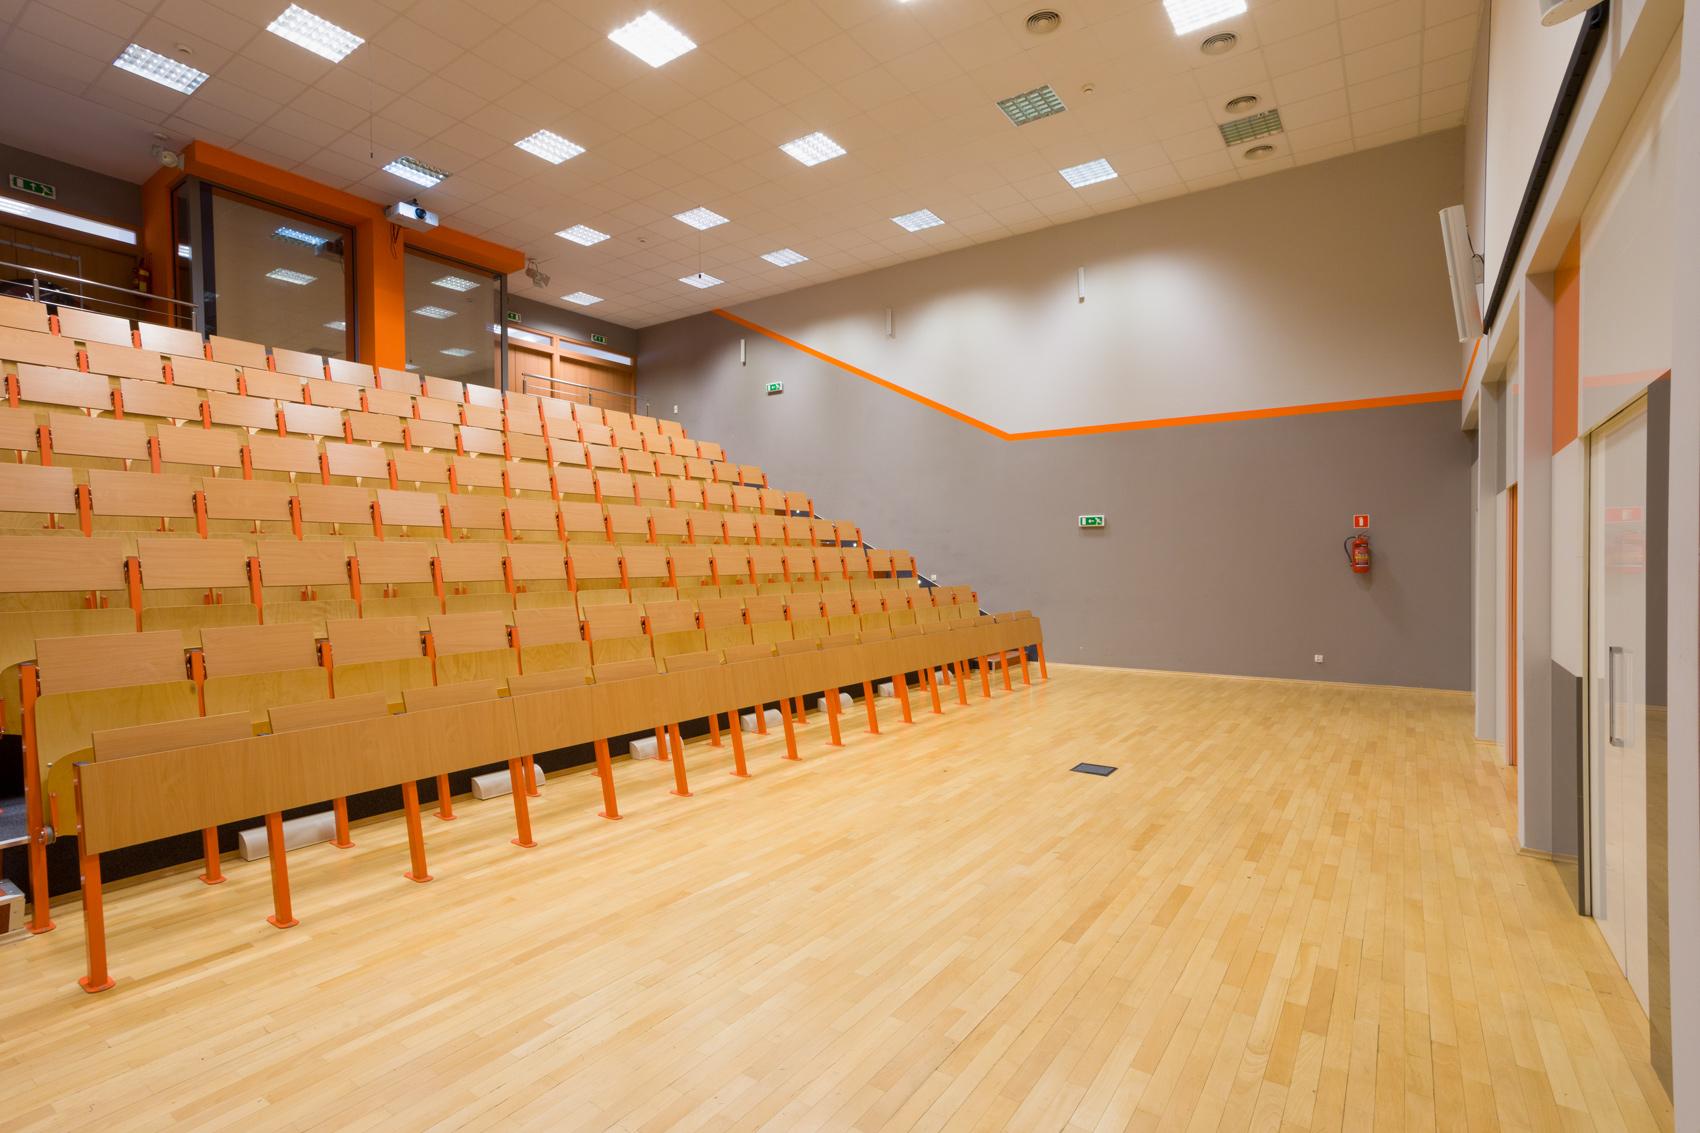 Wynajem pomieszczeń - Chorzów - Katowice - sala audiowizualna